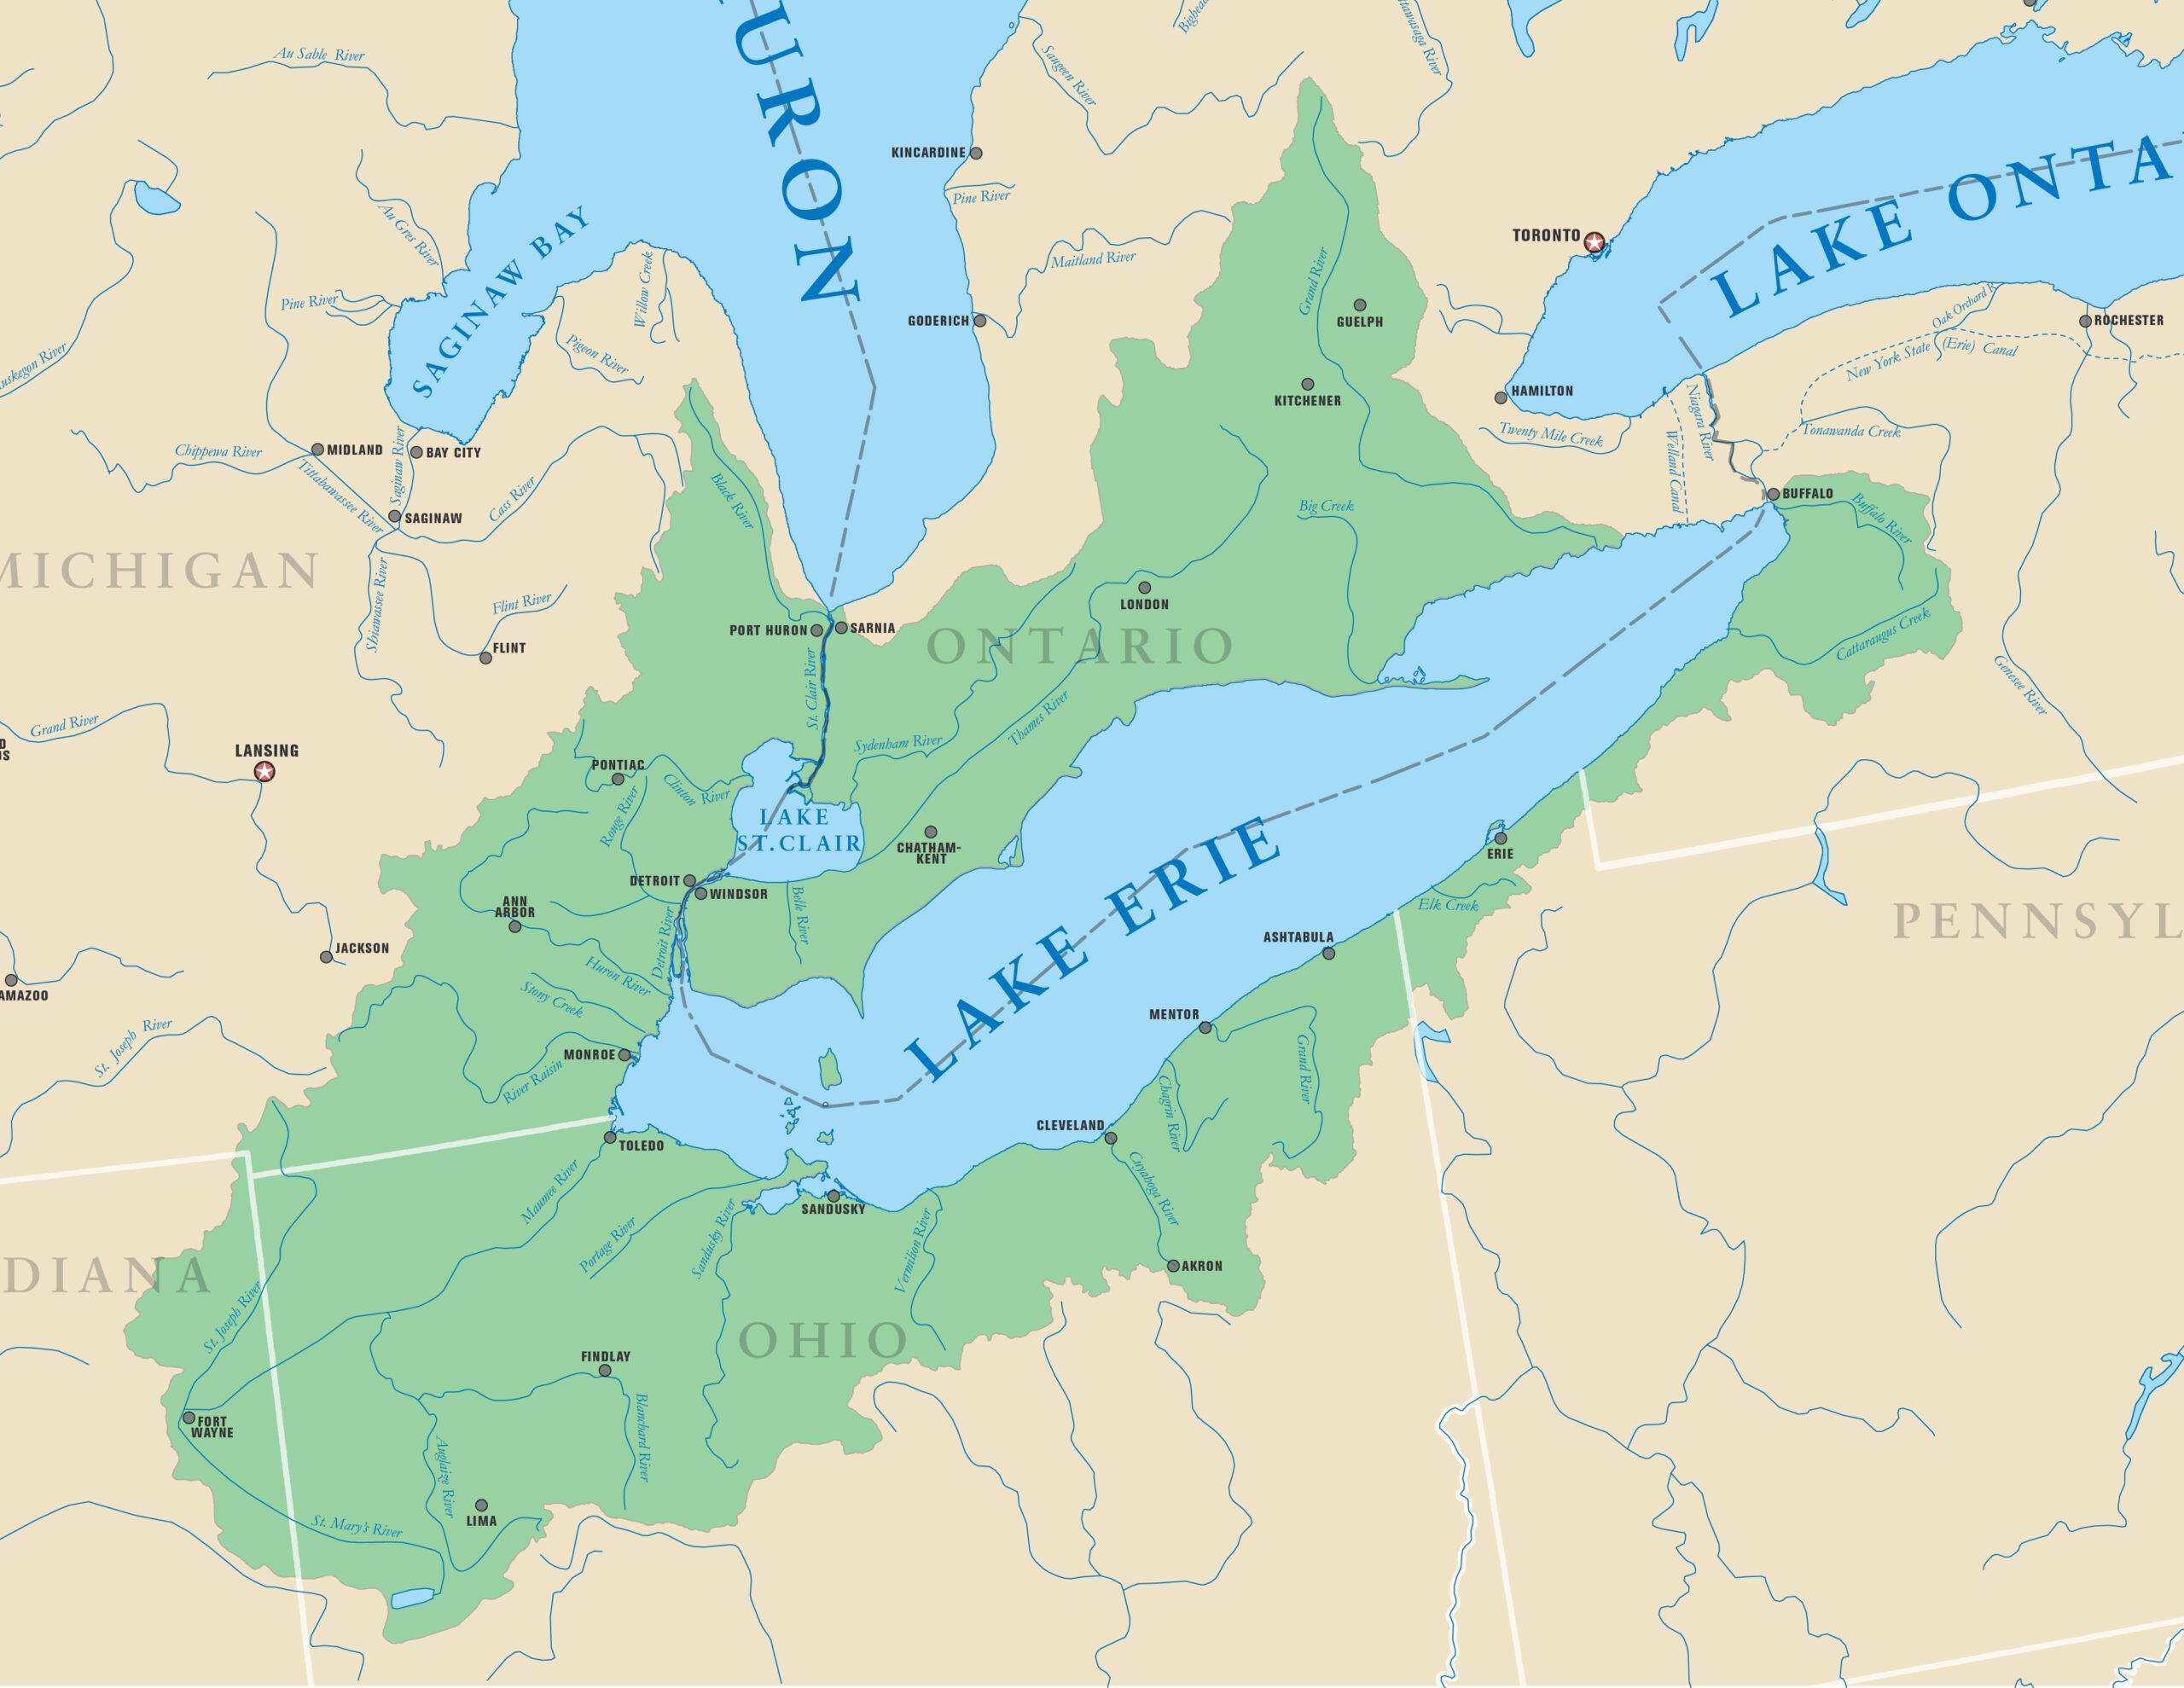 Erie Gölü hakkında bilgiler sitemiz üzerinde yer almaktadır.